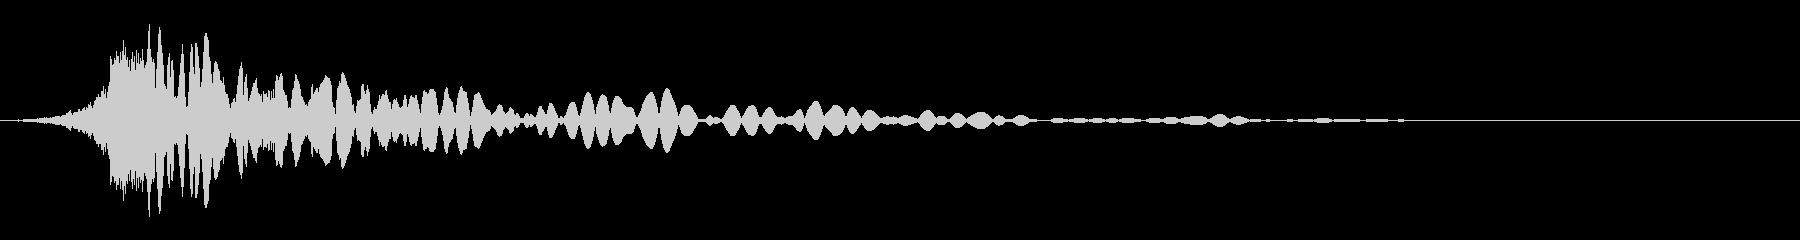 ブンッ(パンチの音) の未再生の波形